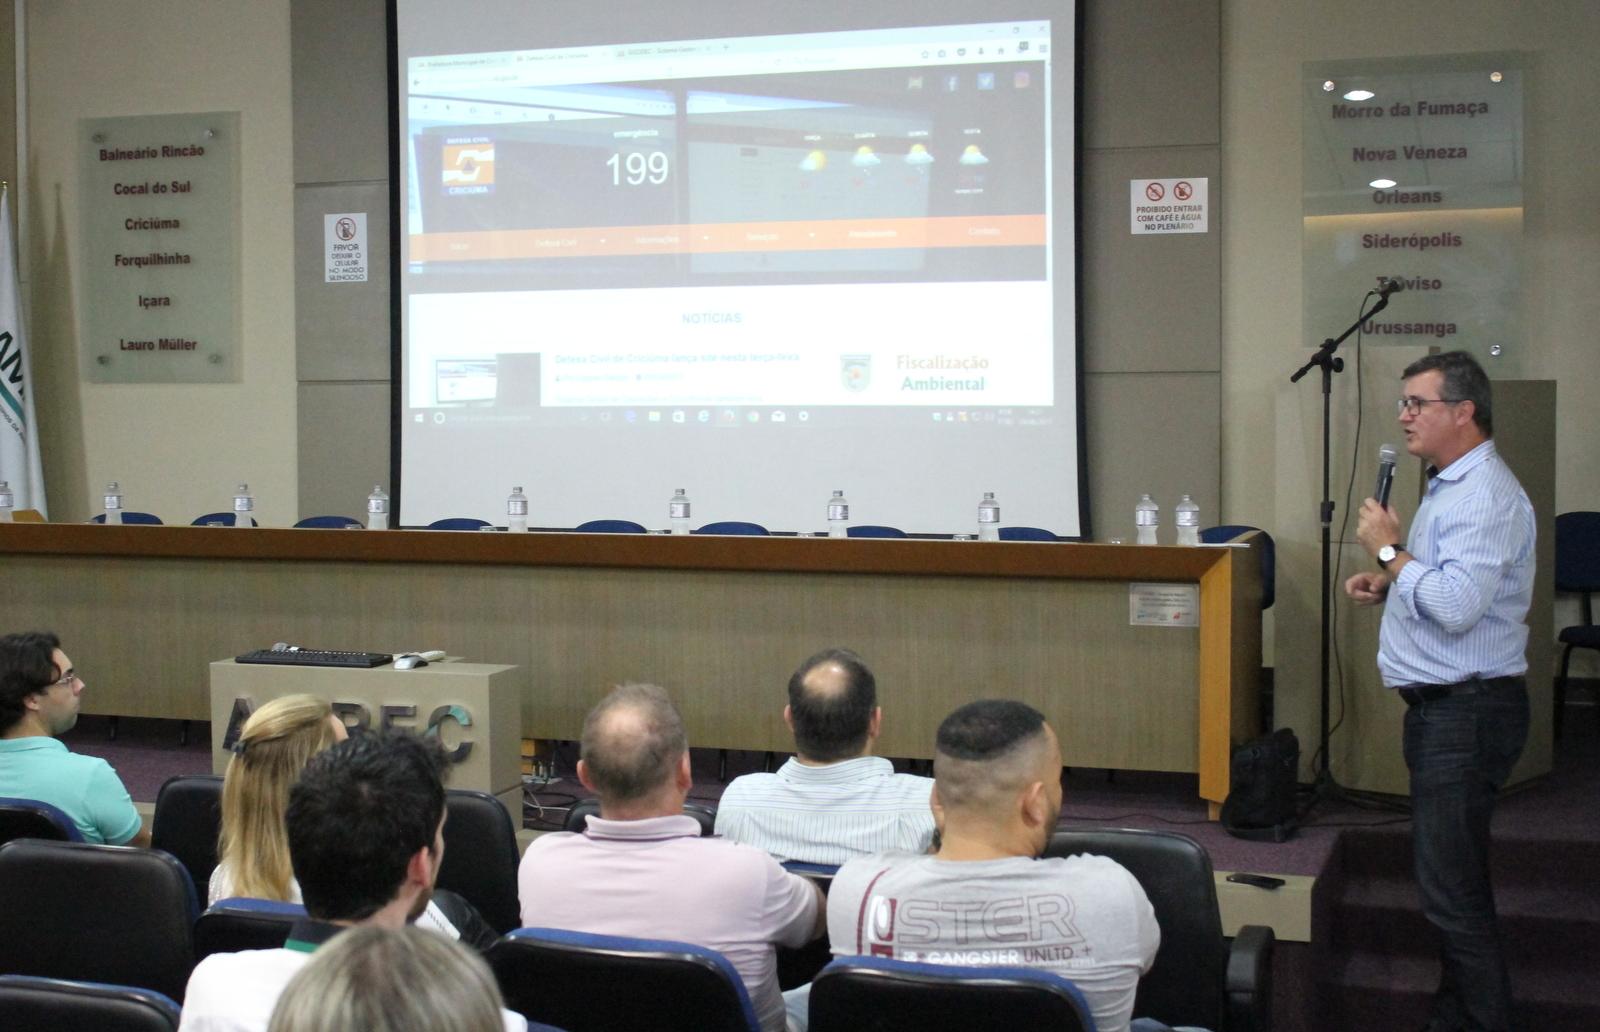 Defesa Civil de Criciúma lança site para melhorar atendimentos aos moradores